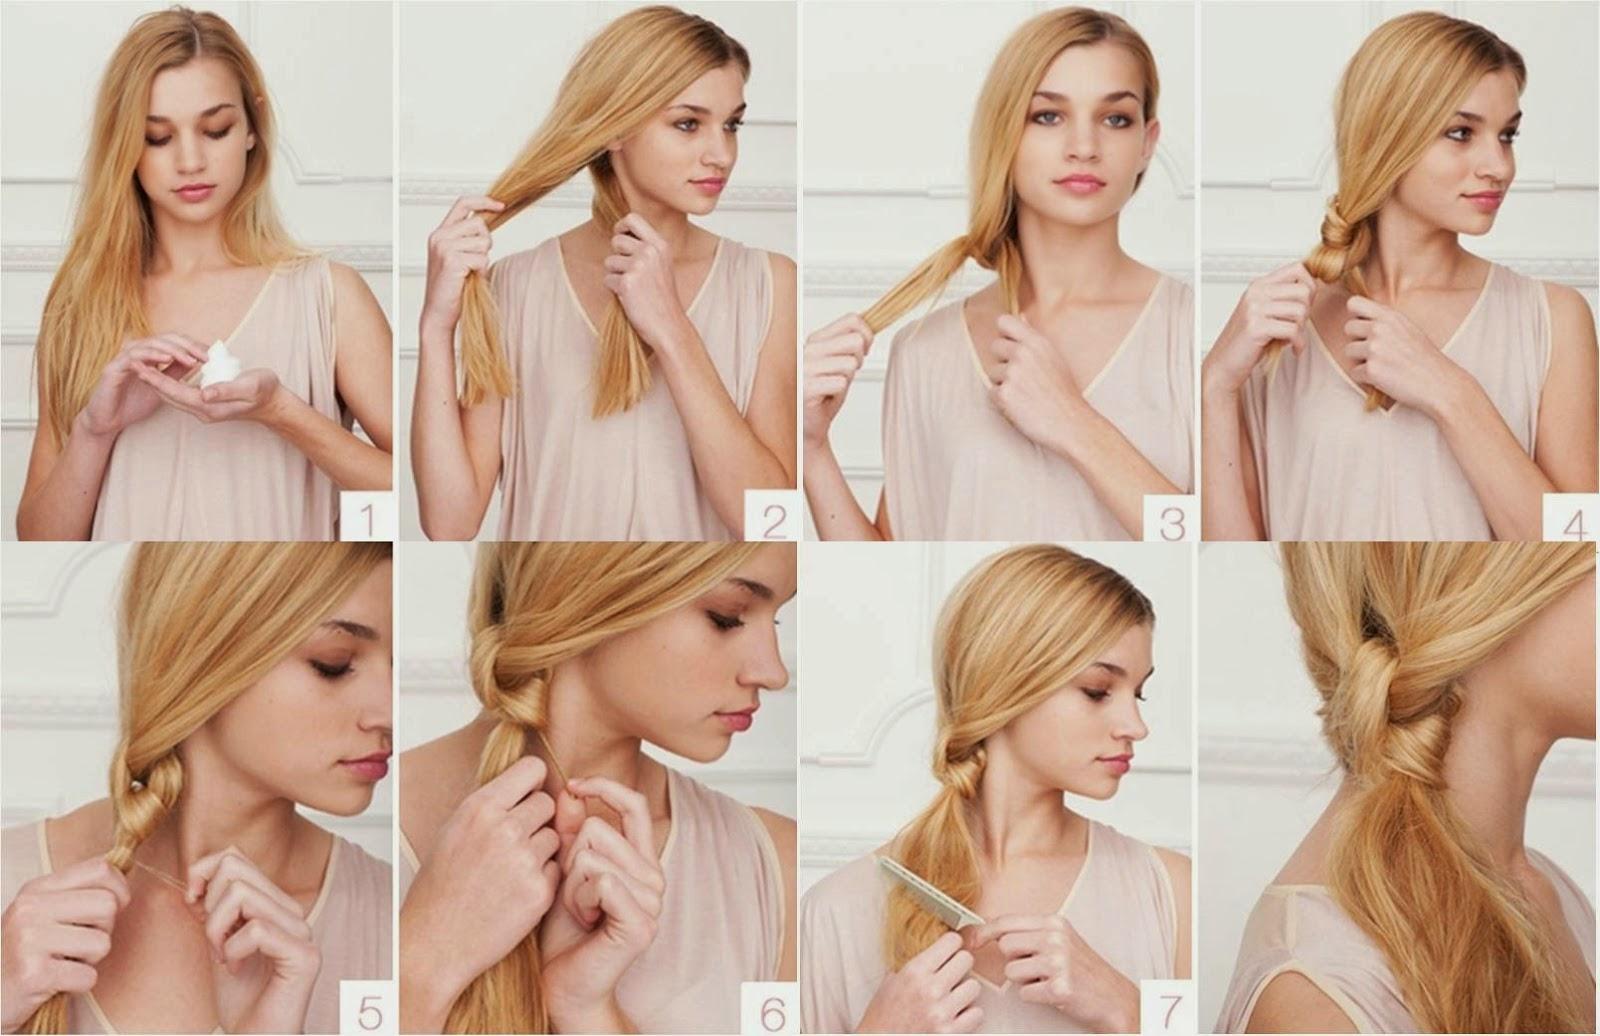 Cabelo : Penteados simples para usar no dia-a-dia